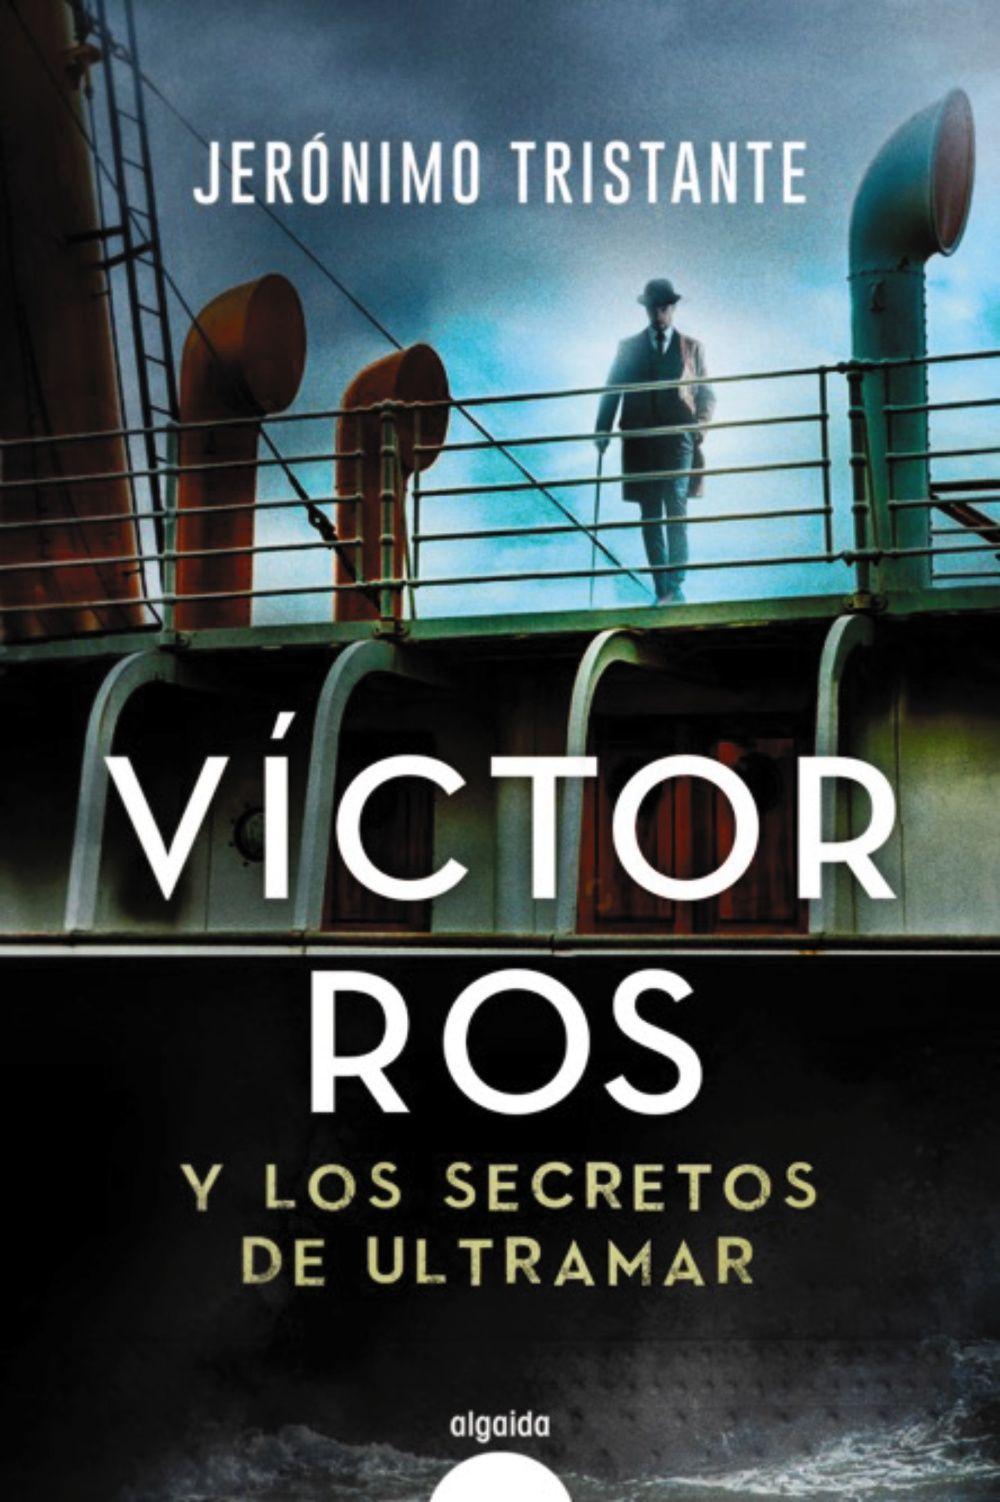 VICTOR ROS Y LOS SECRETOS DE ULTRAMAR